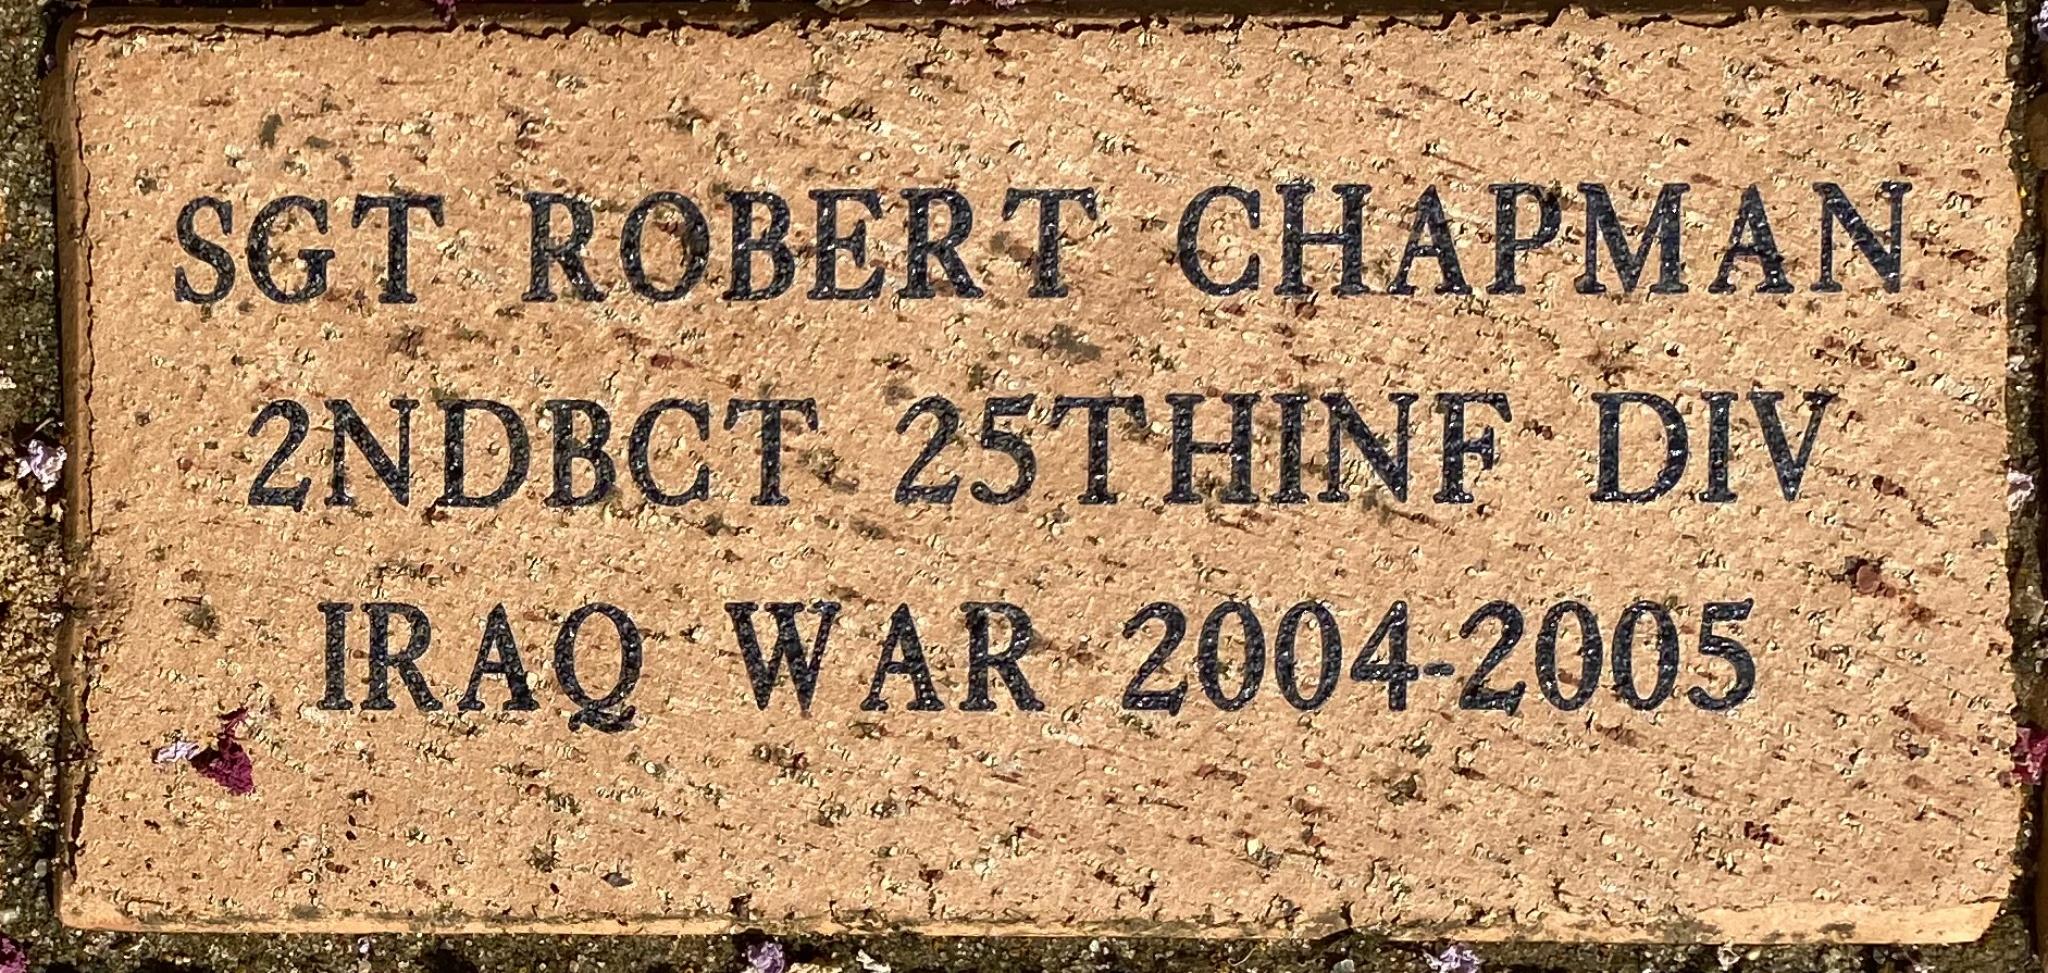 SGT ROBERT CHAPMAN 2NDBCT 25THINF DIV IRAQ WAR 2004-2005